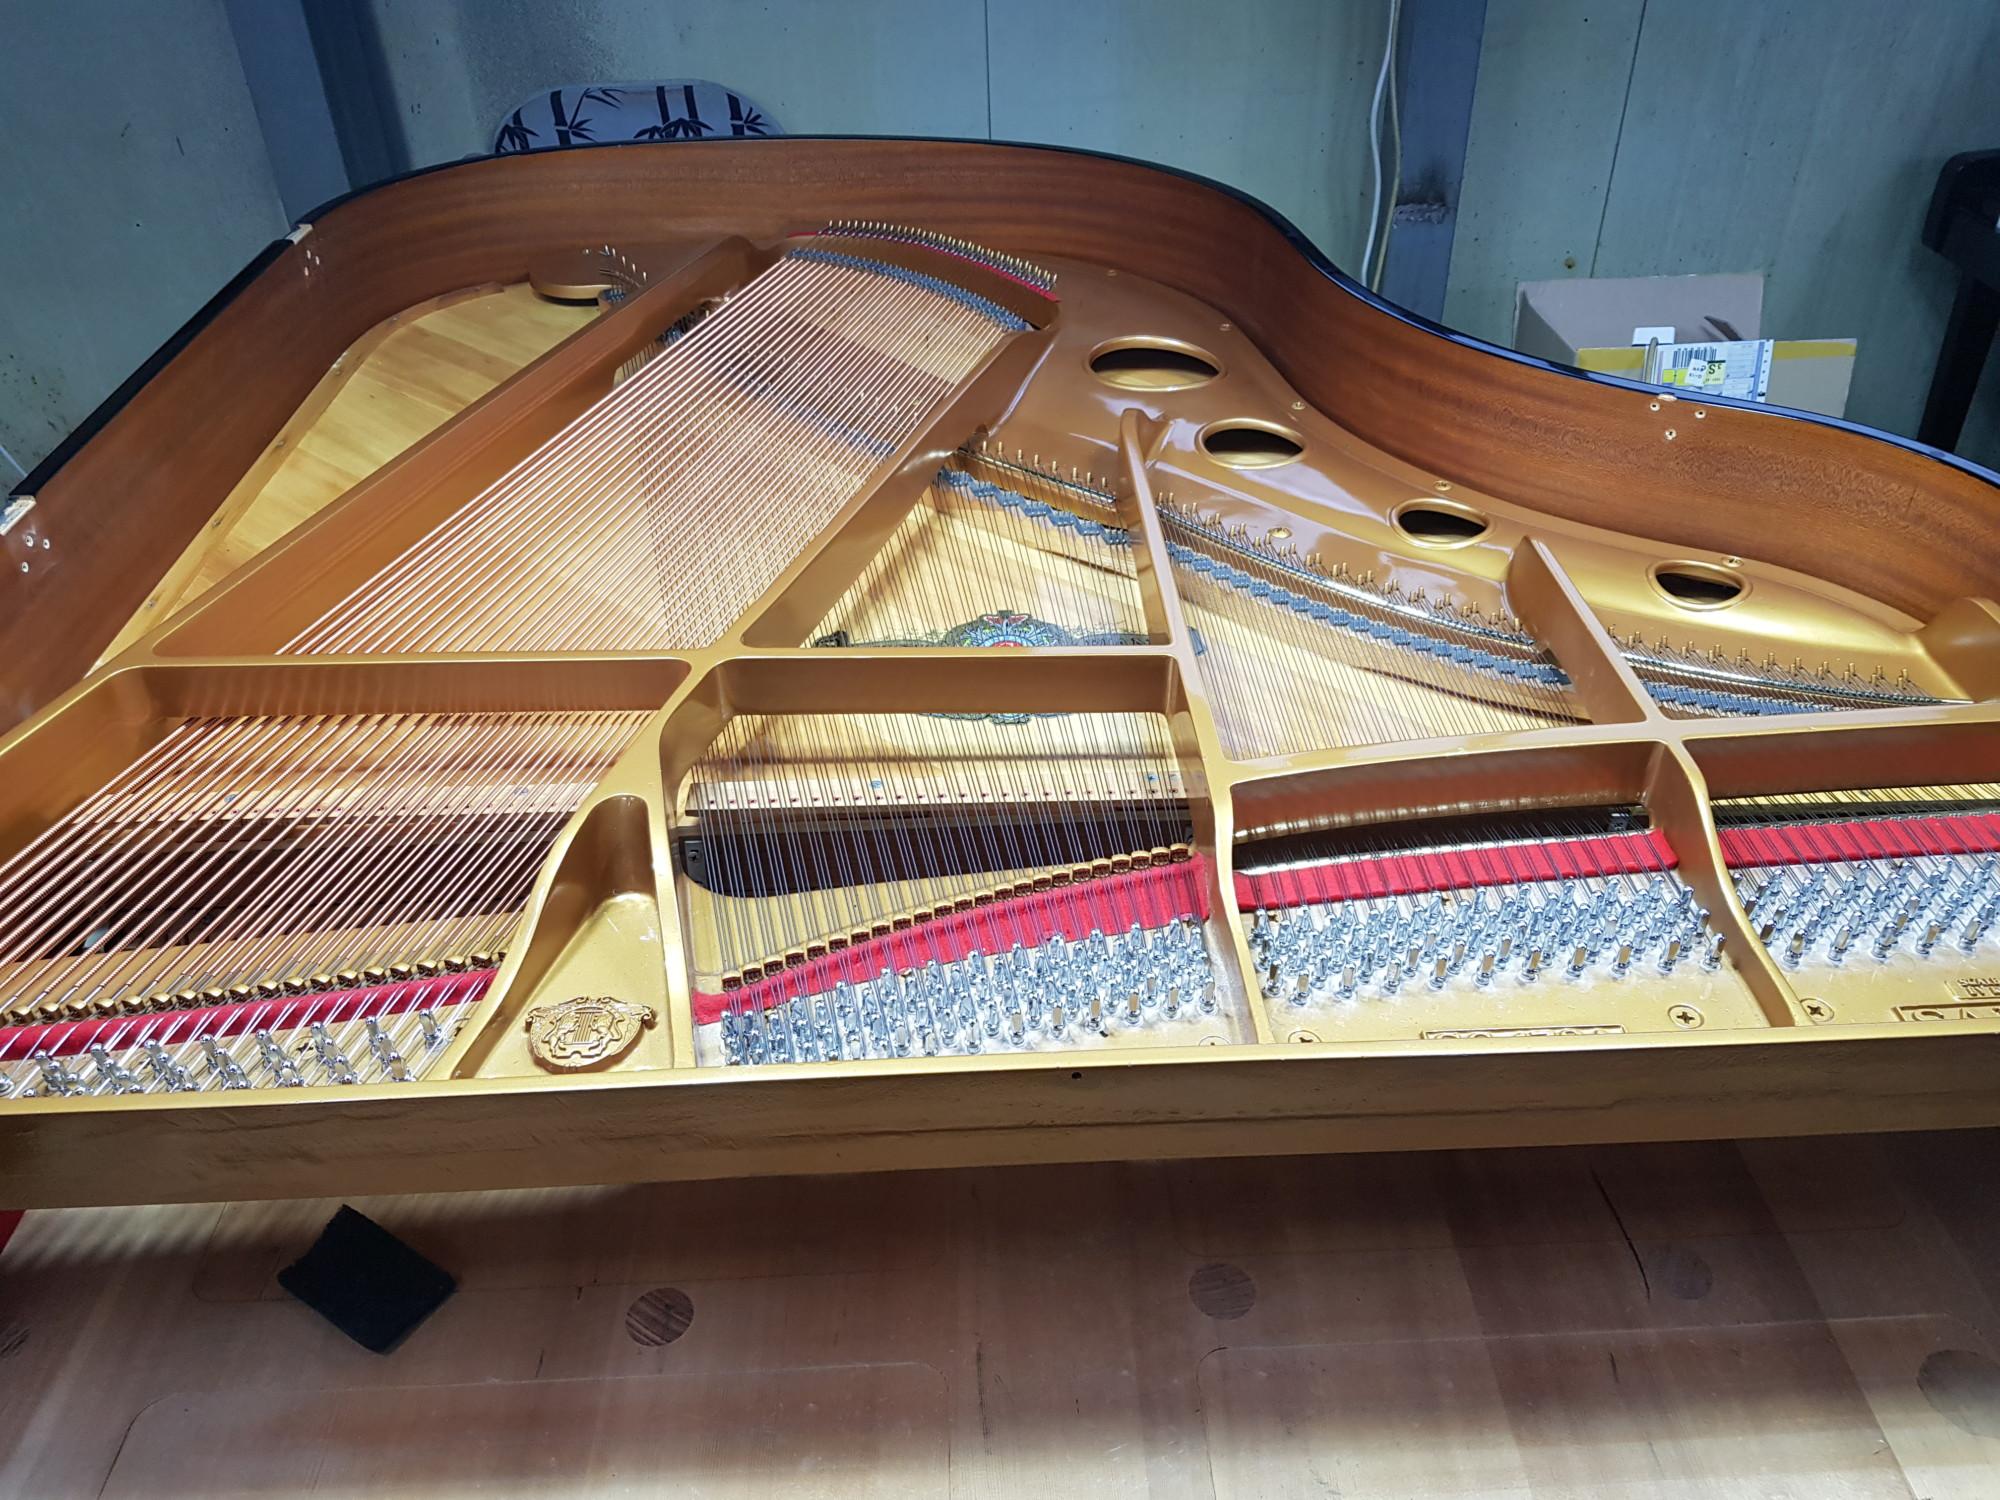 피아노 장현(피아노 현 교체)